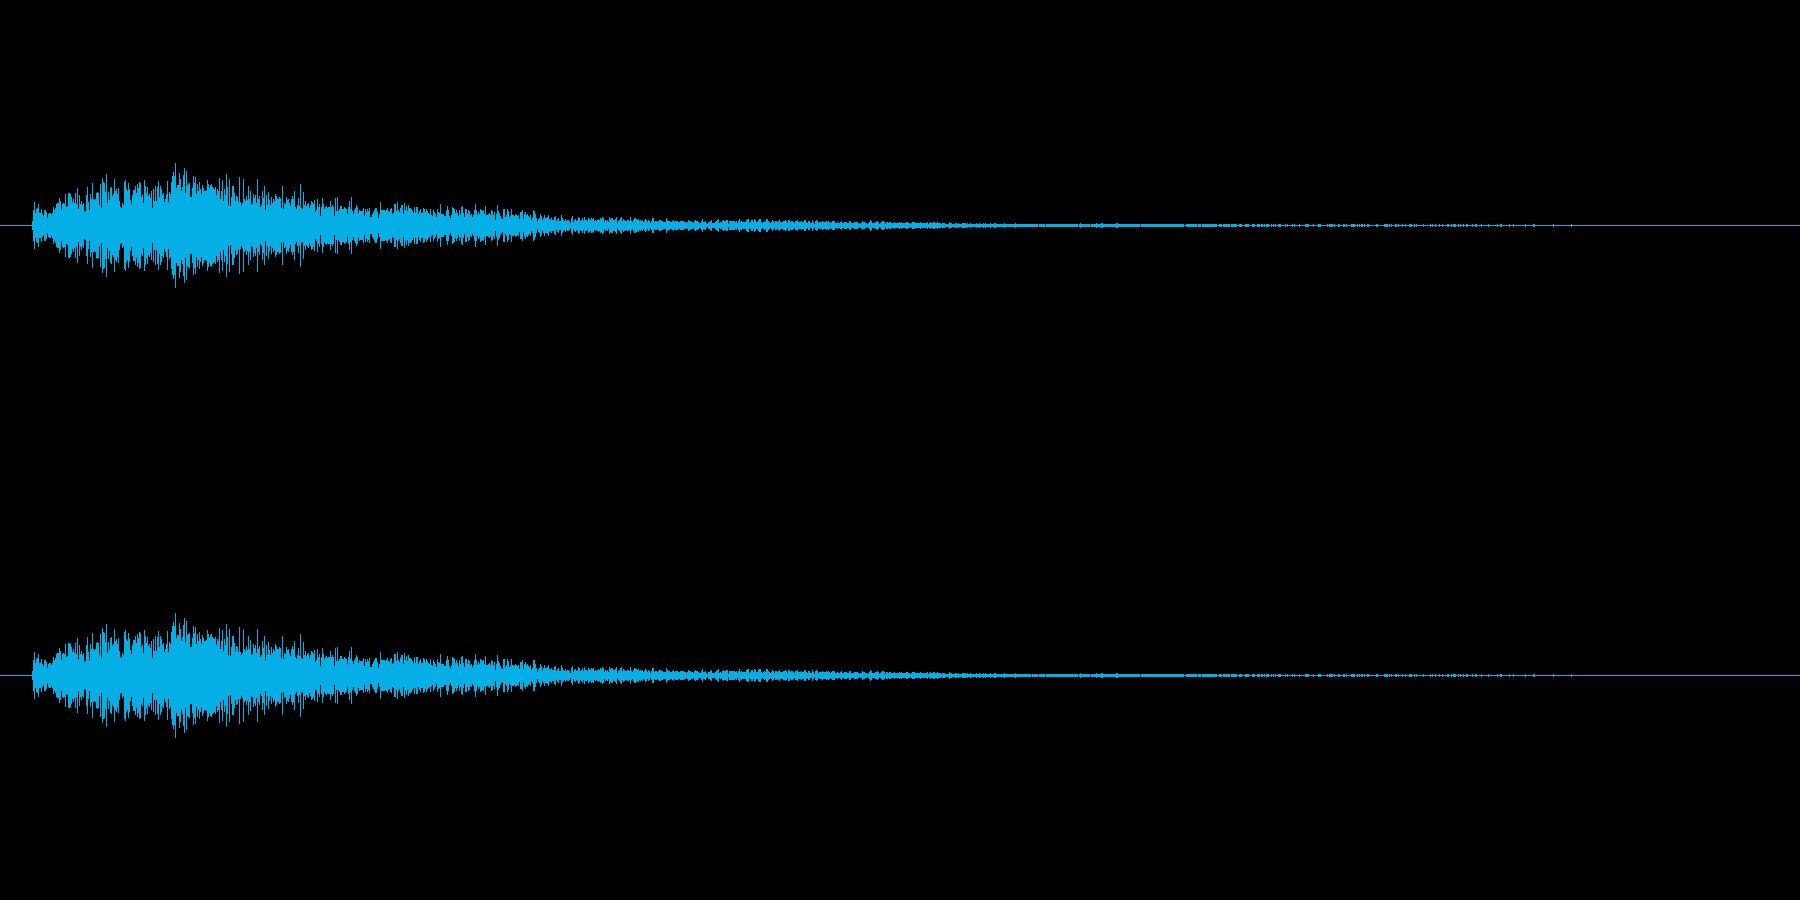 琴をジャラーンと鳴らしたような音(上昇)の再生済みの波形